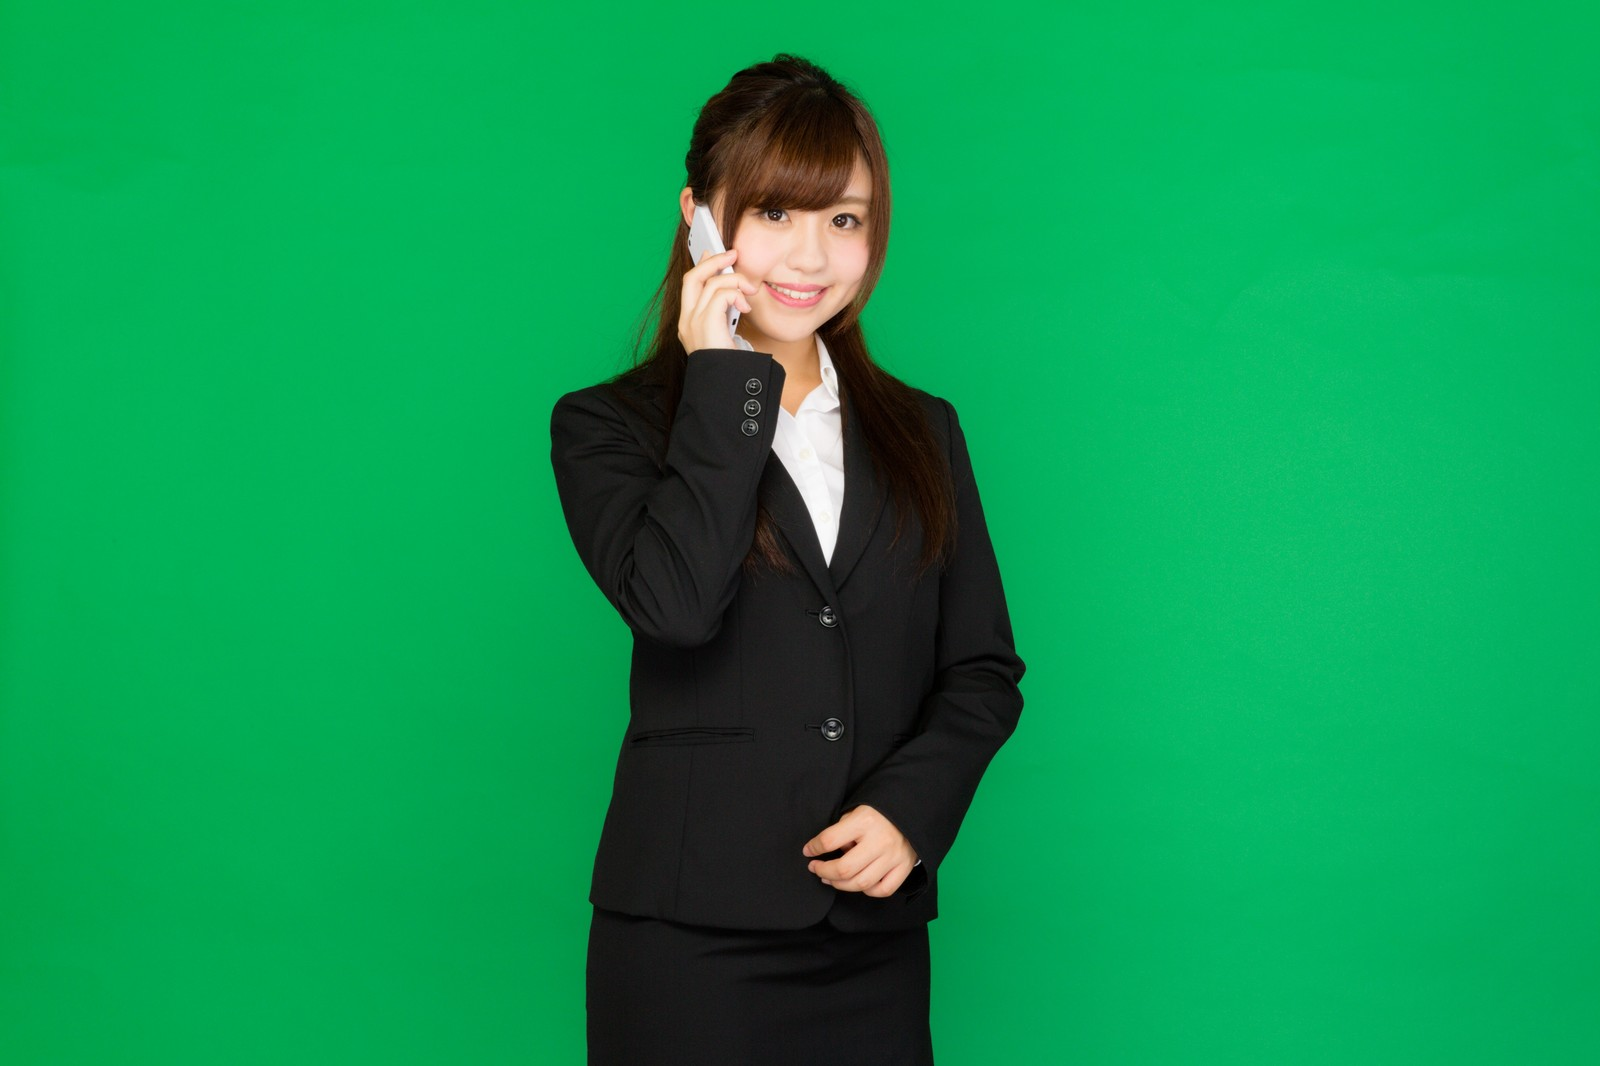 「電話に出る女性秘書(グリーンバック)」の写真[モデル:河村友歌]